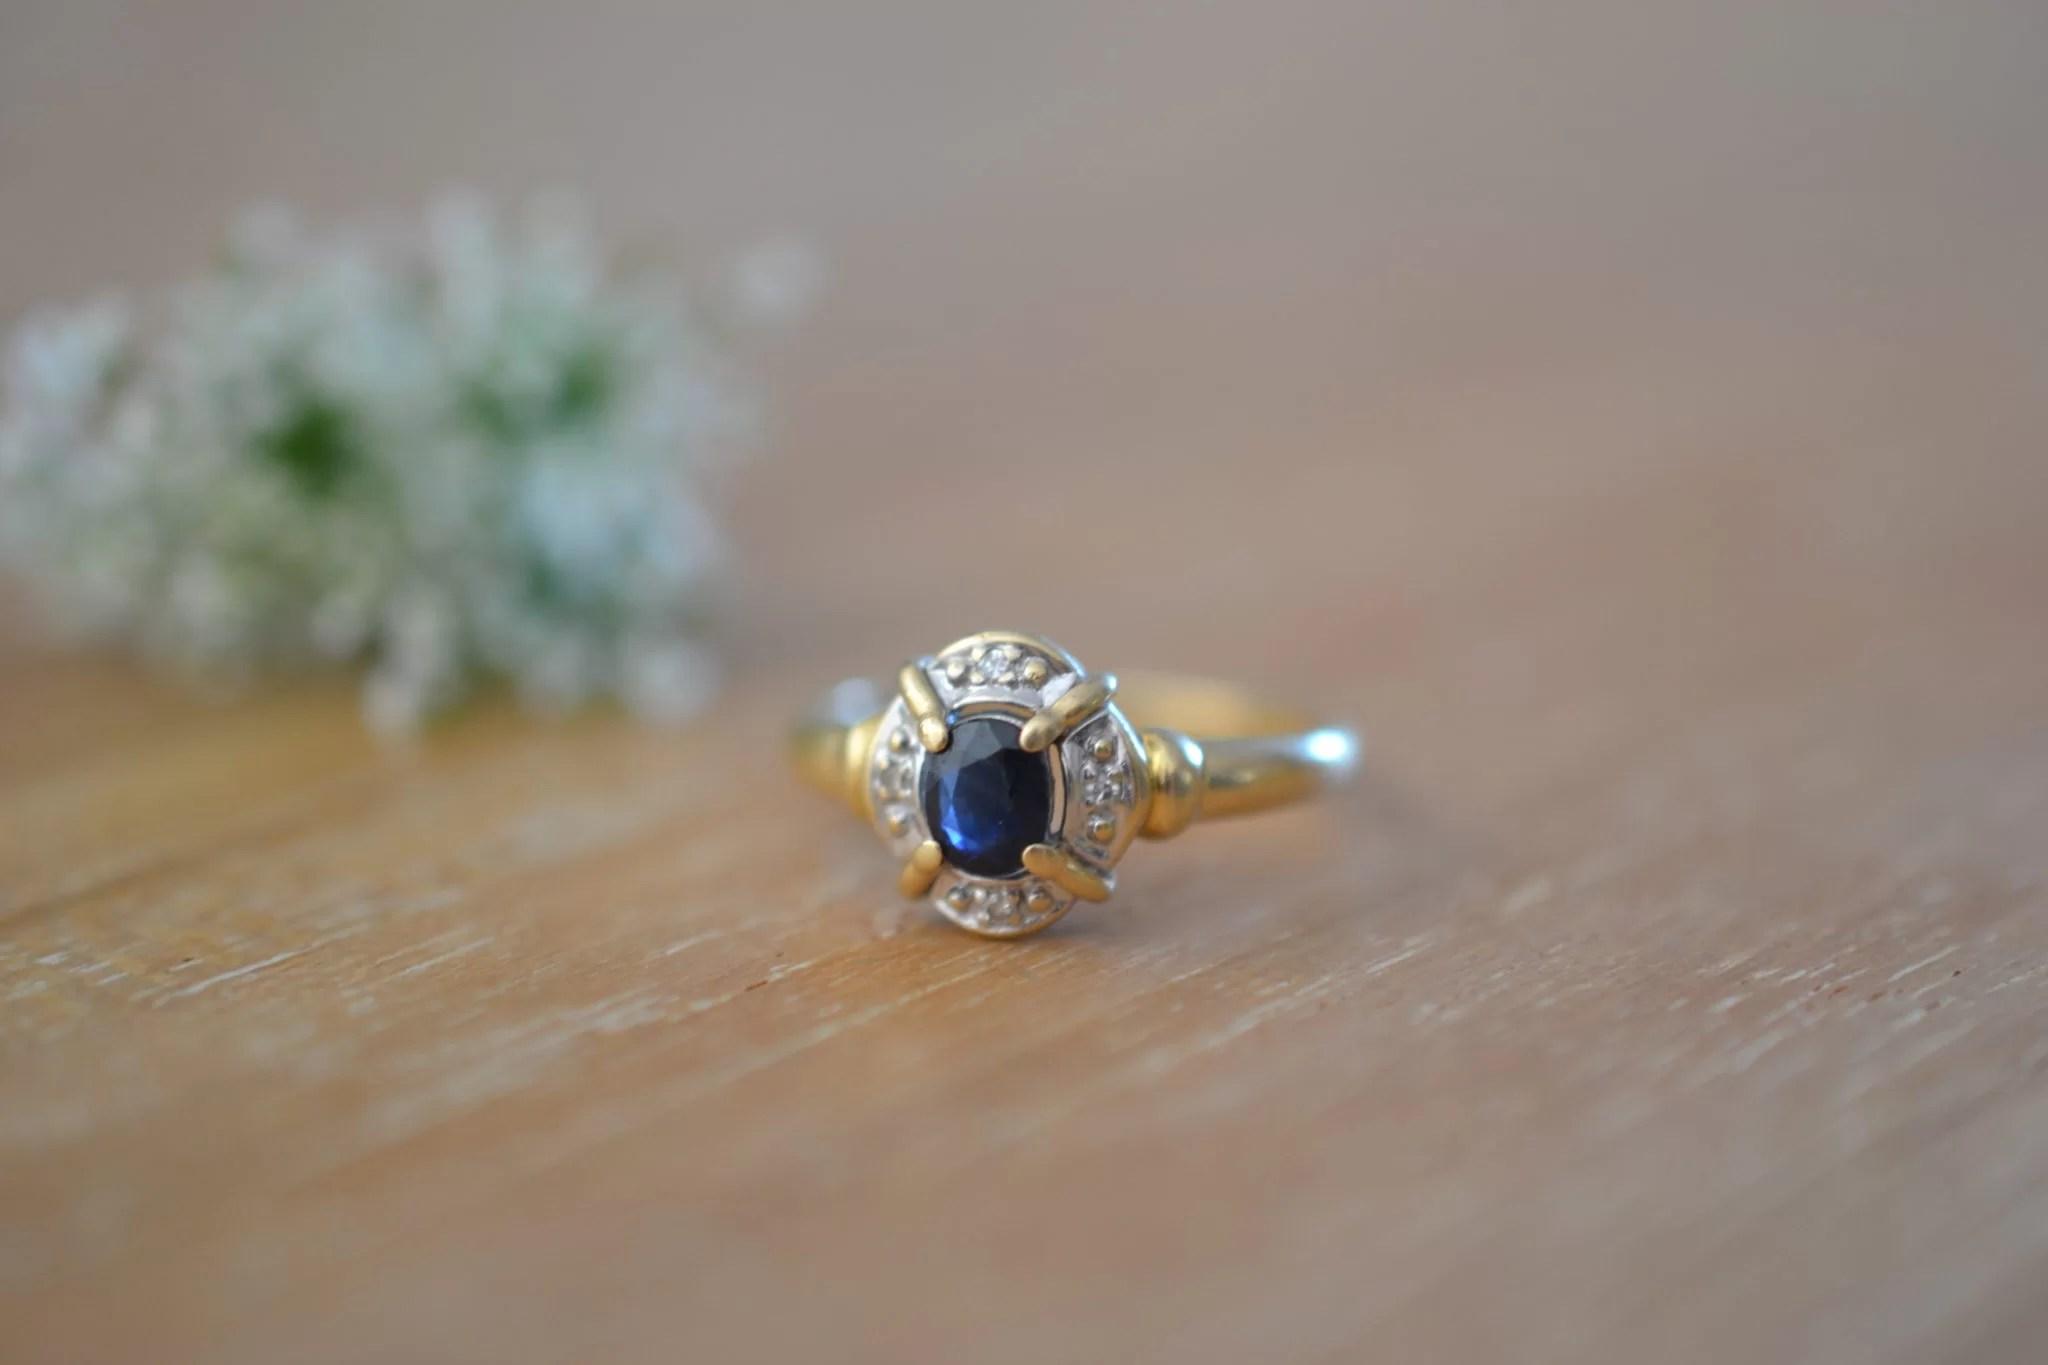 bague saphir et Or jaune et blanc pavage - bijou ancien - 18 carats 750/1000 - bijoux durables